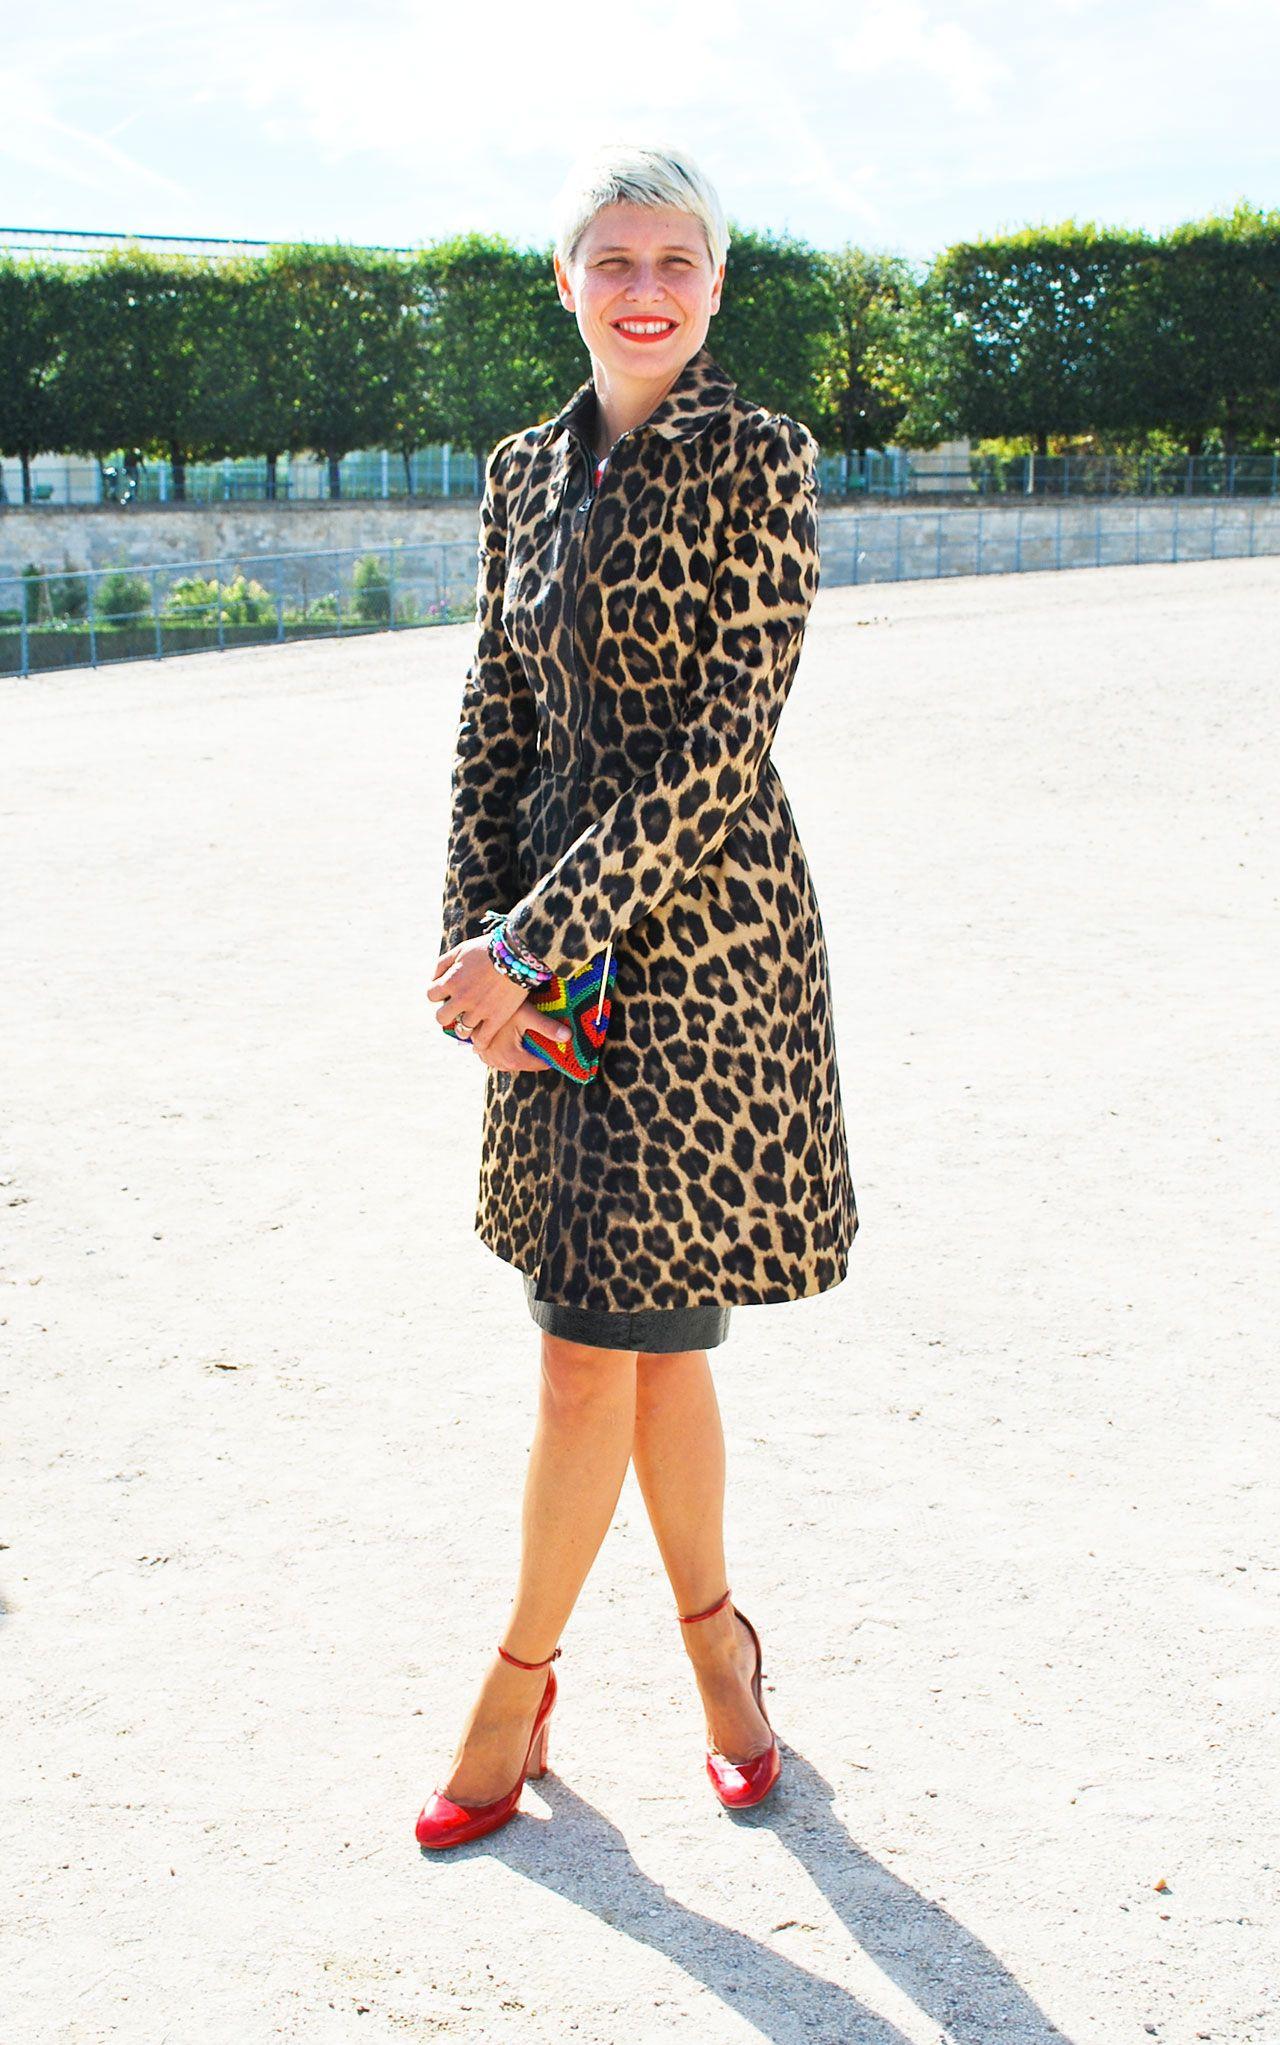 Key SS13 trends - leopard print